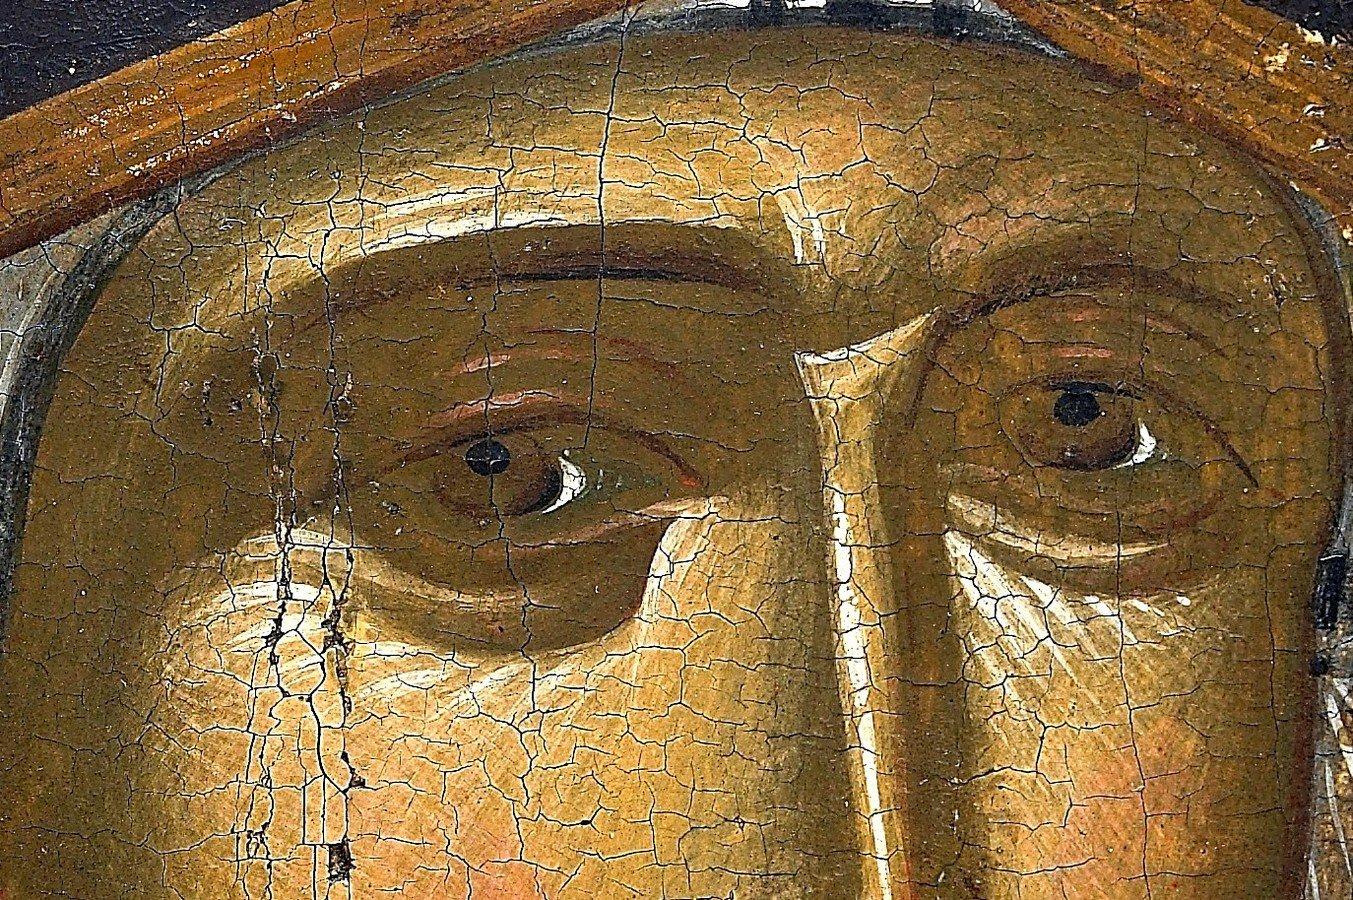 Богоматерь Одигитрия. Византийская икона XIV века. Монастырь Ватопед на Афоне. Фрагмент.